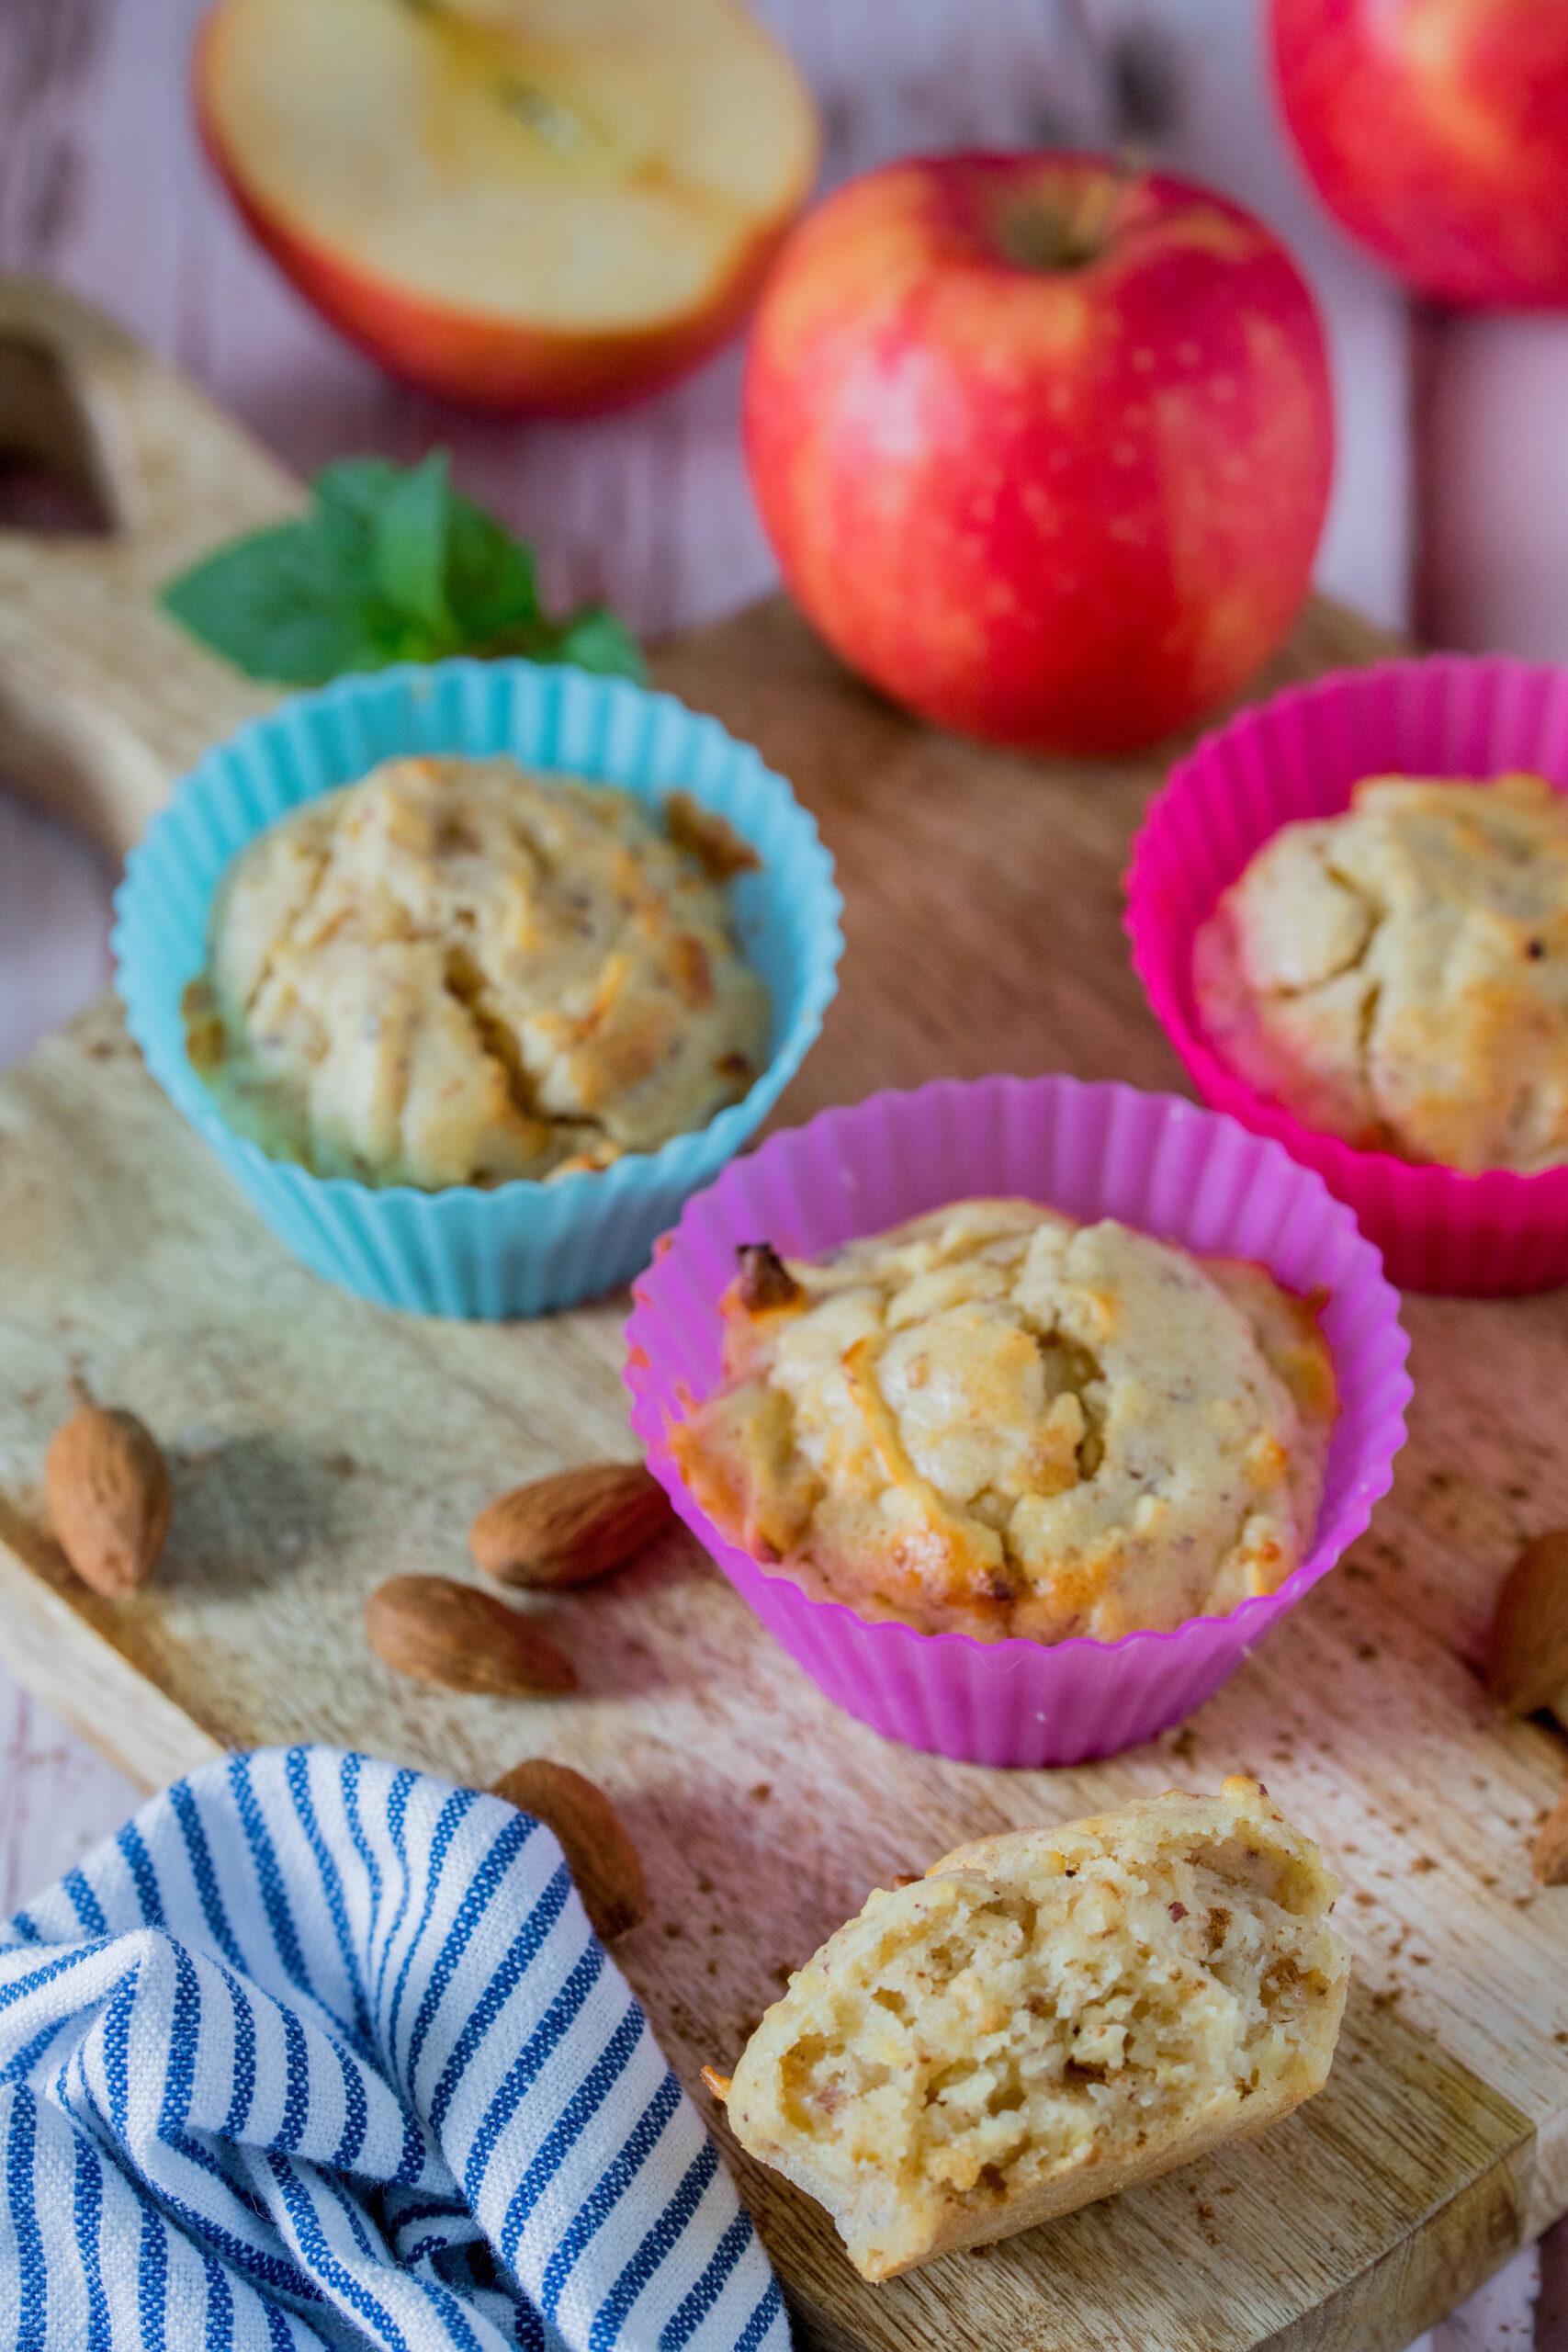 Leckere Muffins mit Äpfeln und Nüssen - herbstlicher Snack für Kinder